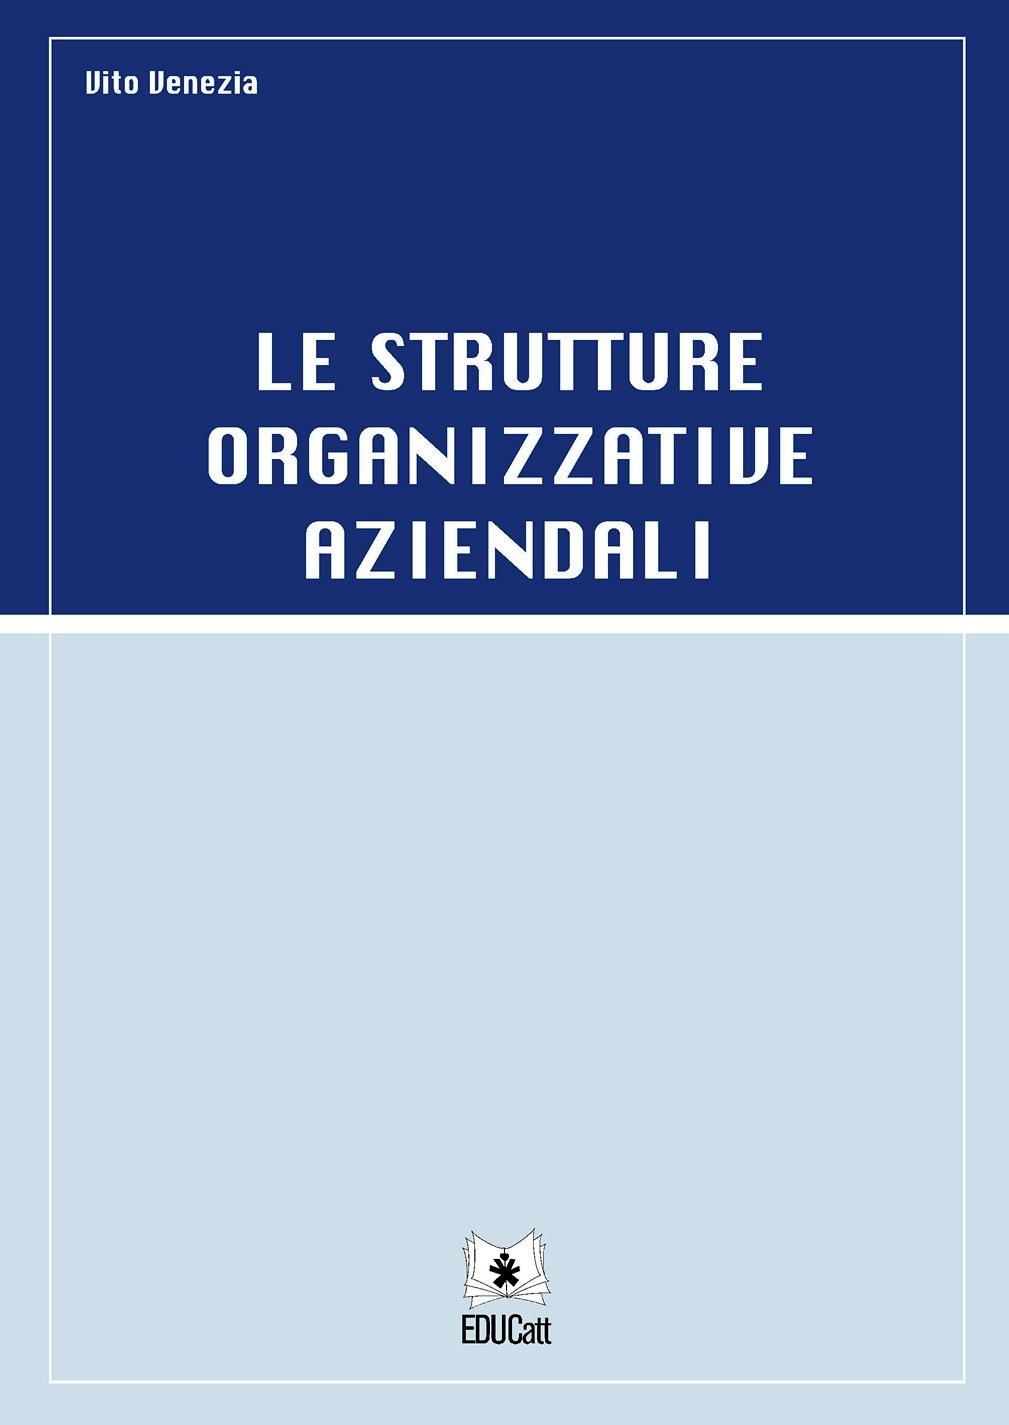 LE STRUTTURE ORGANIZZATIVE AZIENDALI